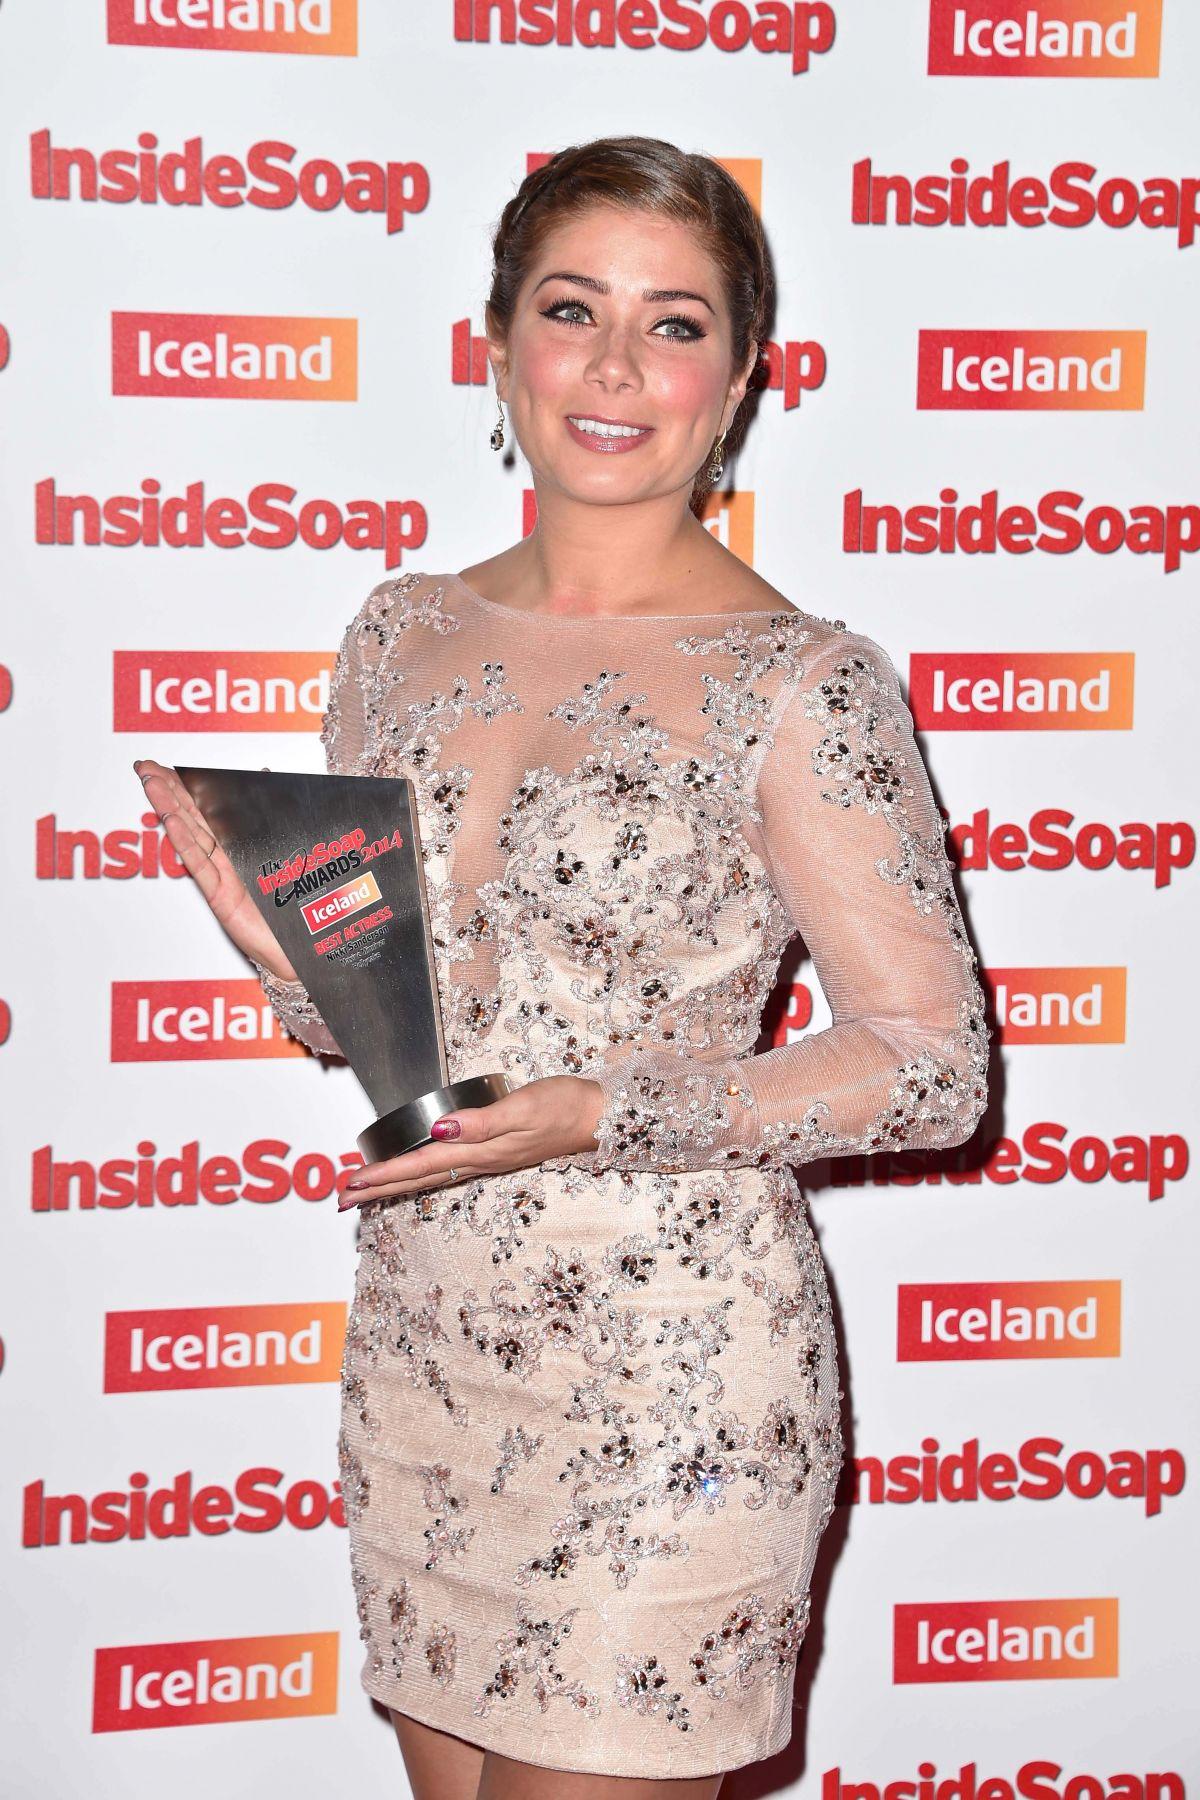 NIKKI SANDERSON at Inside Soap Awards in London